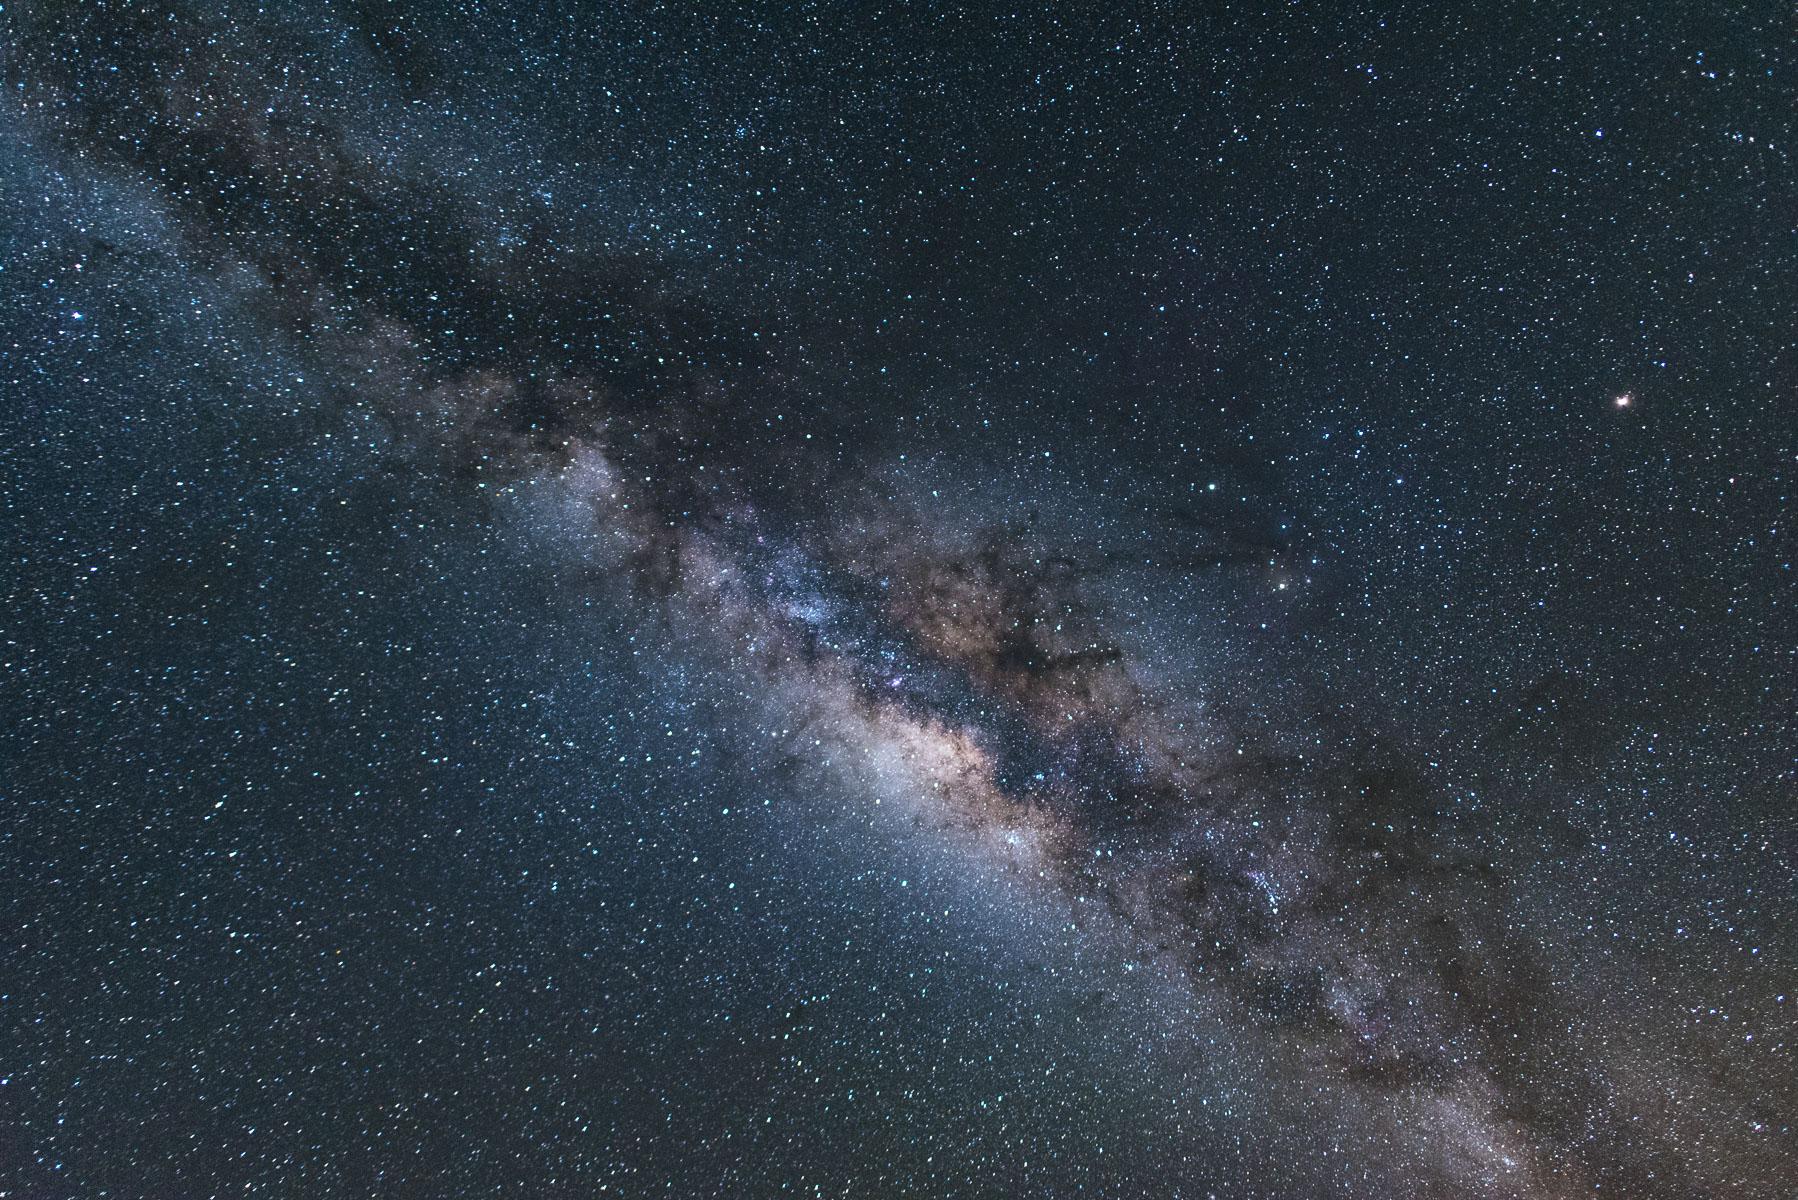 Focení na Havaji (díl 6): noční nebe a mléčná dráha jak lampion